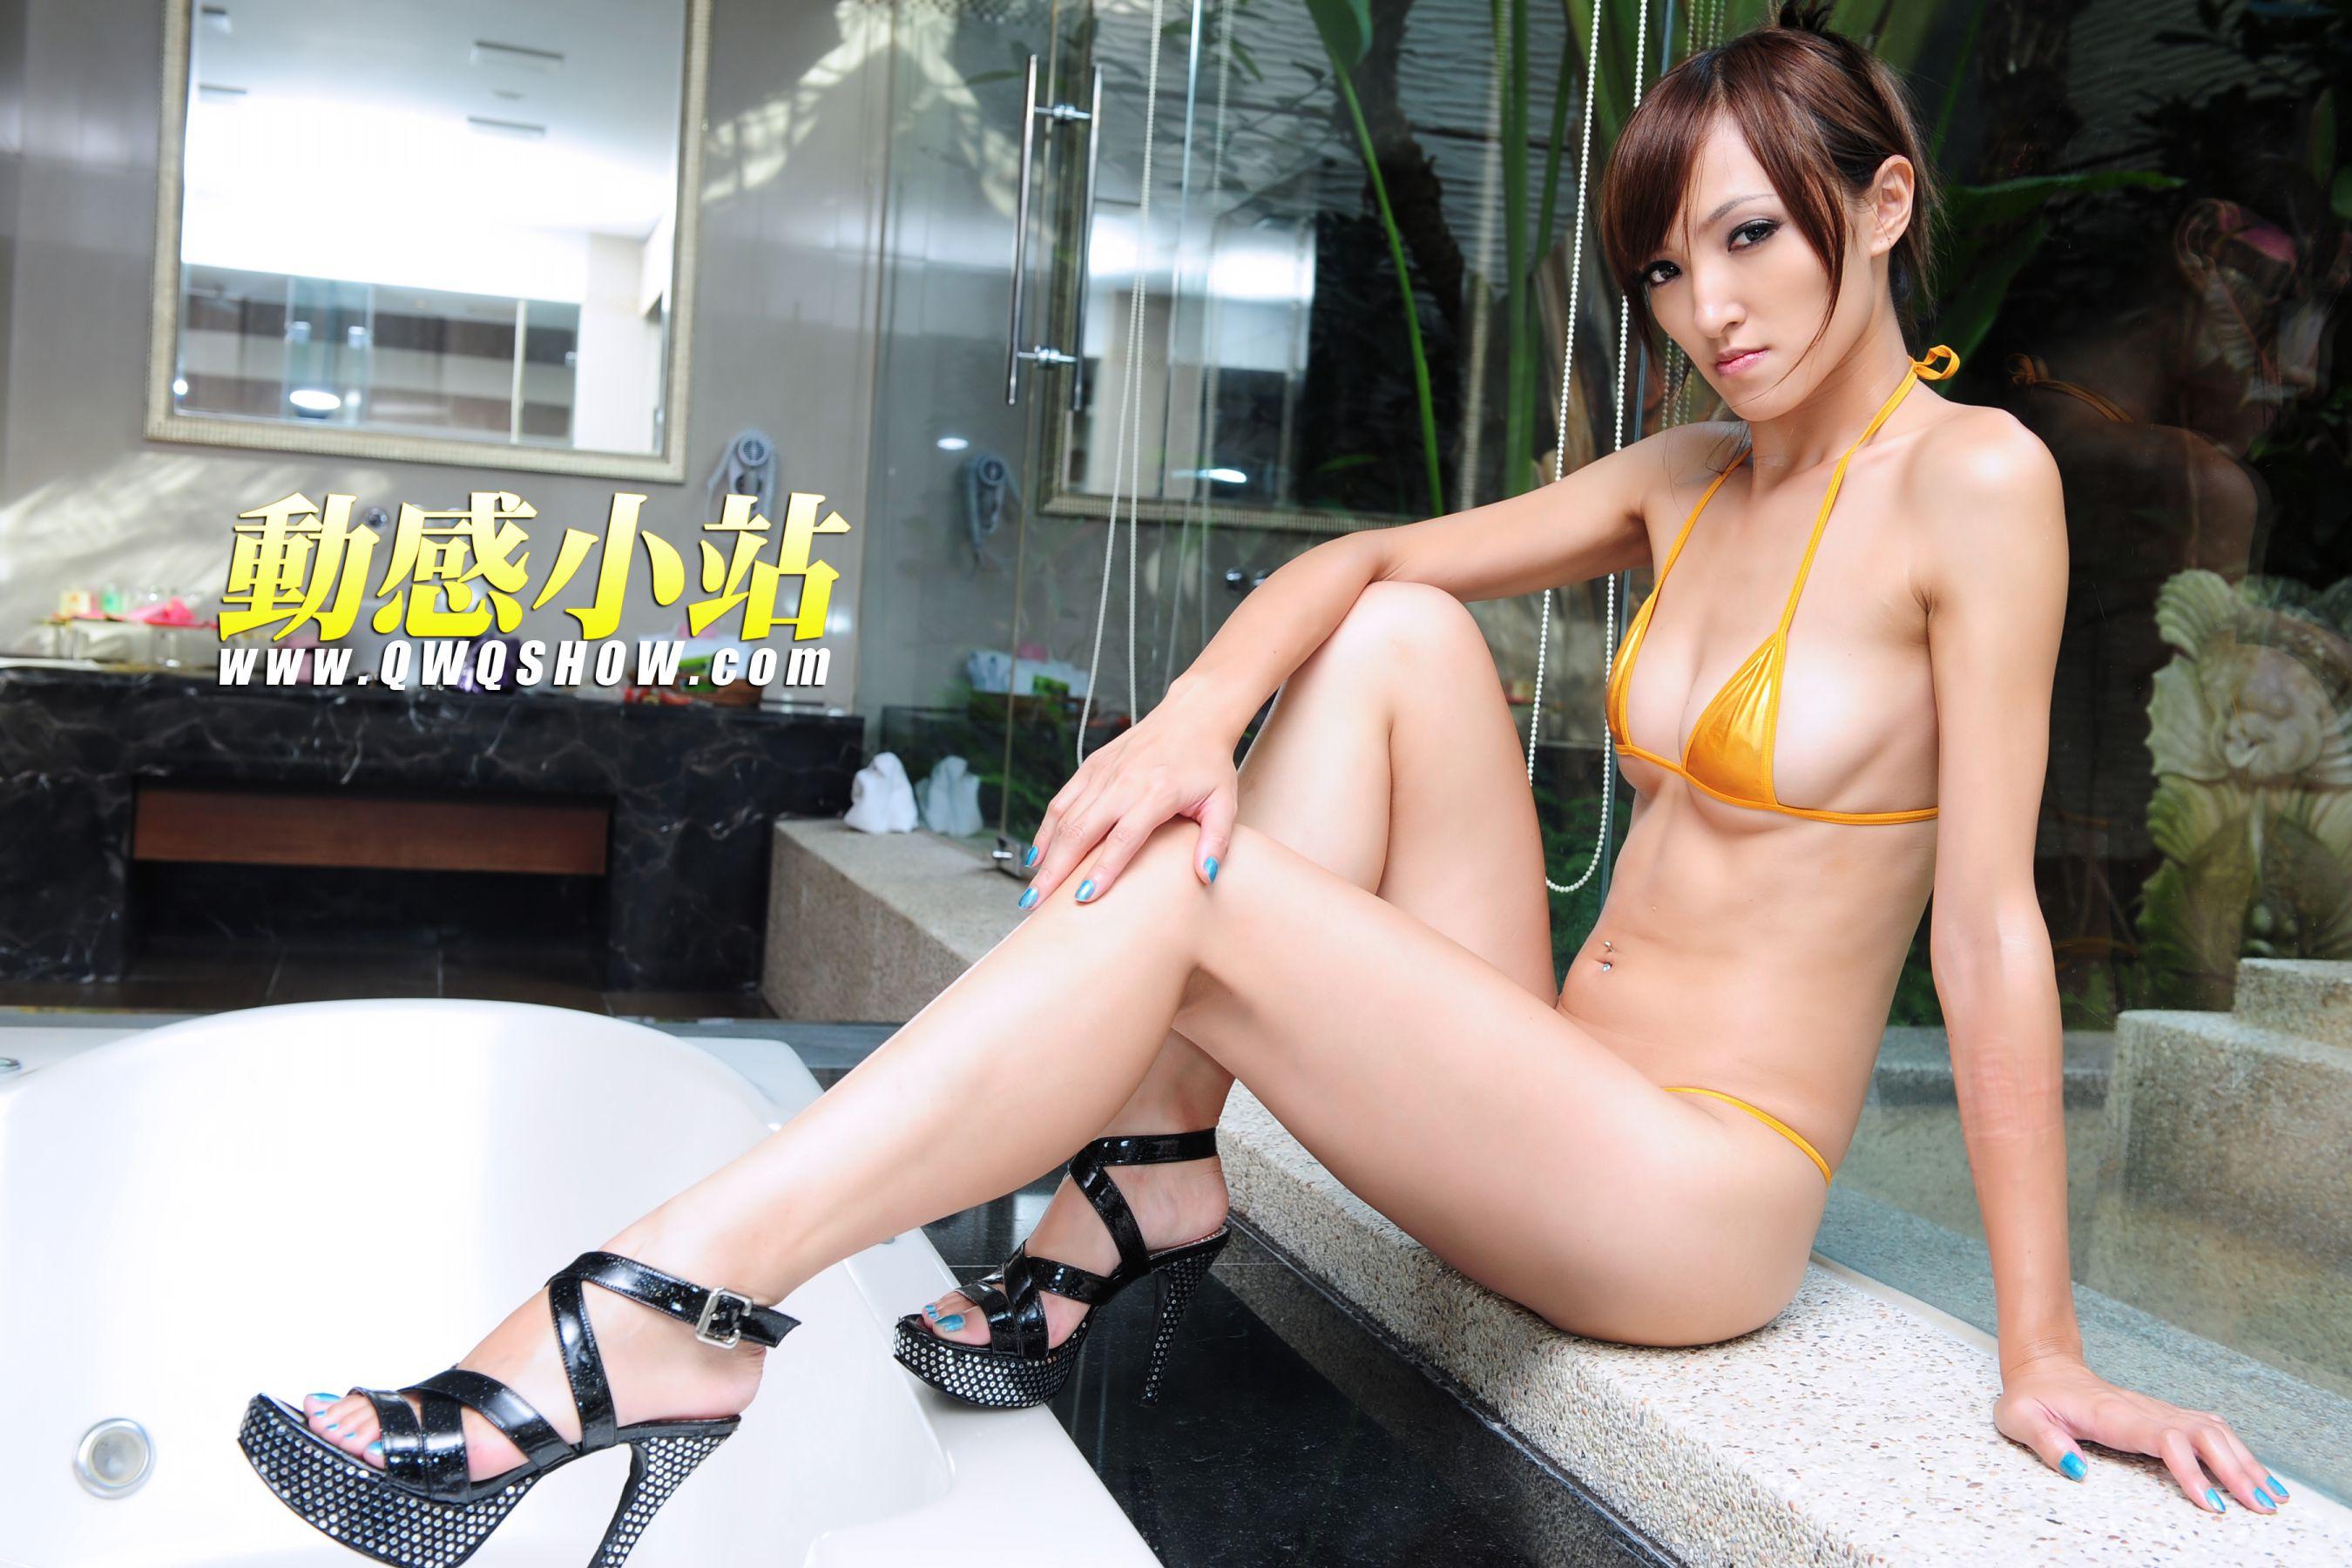 VOL.1000 [动感之星]泳装高跟美腿:小猫(动感小站小猫,动感之星小猫)高品质写真套图(34P)